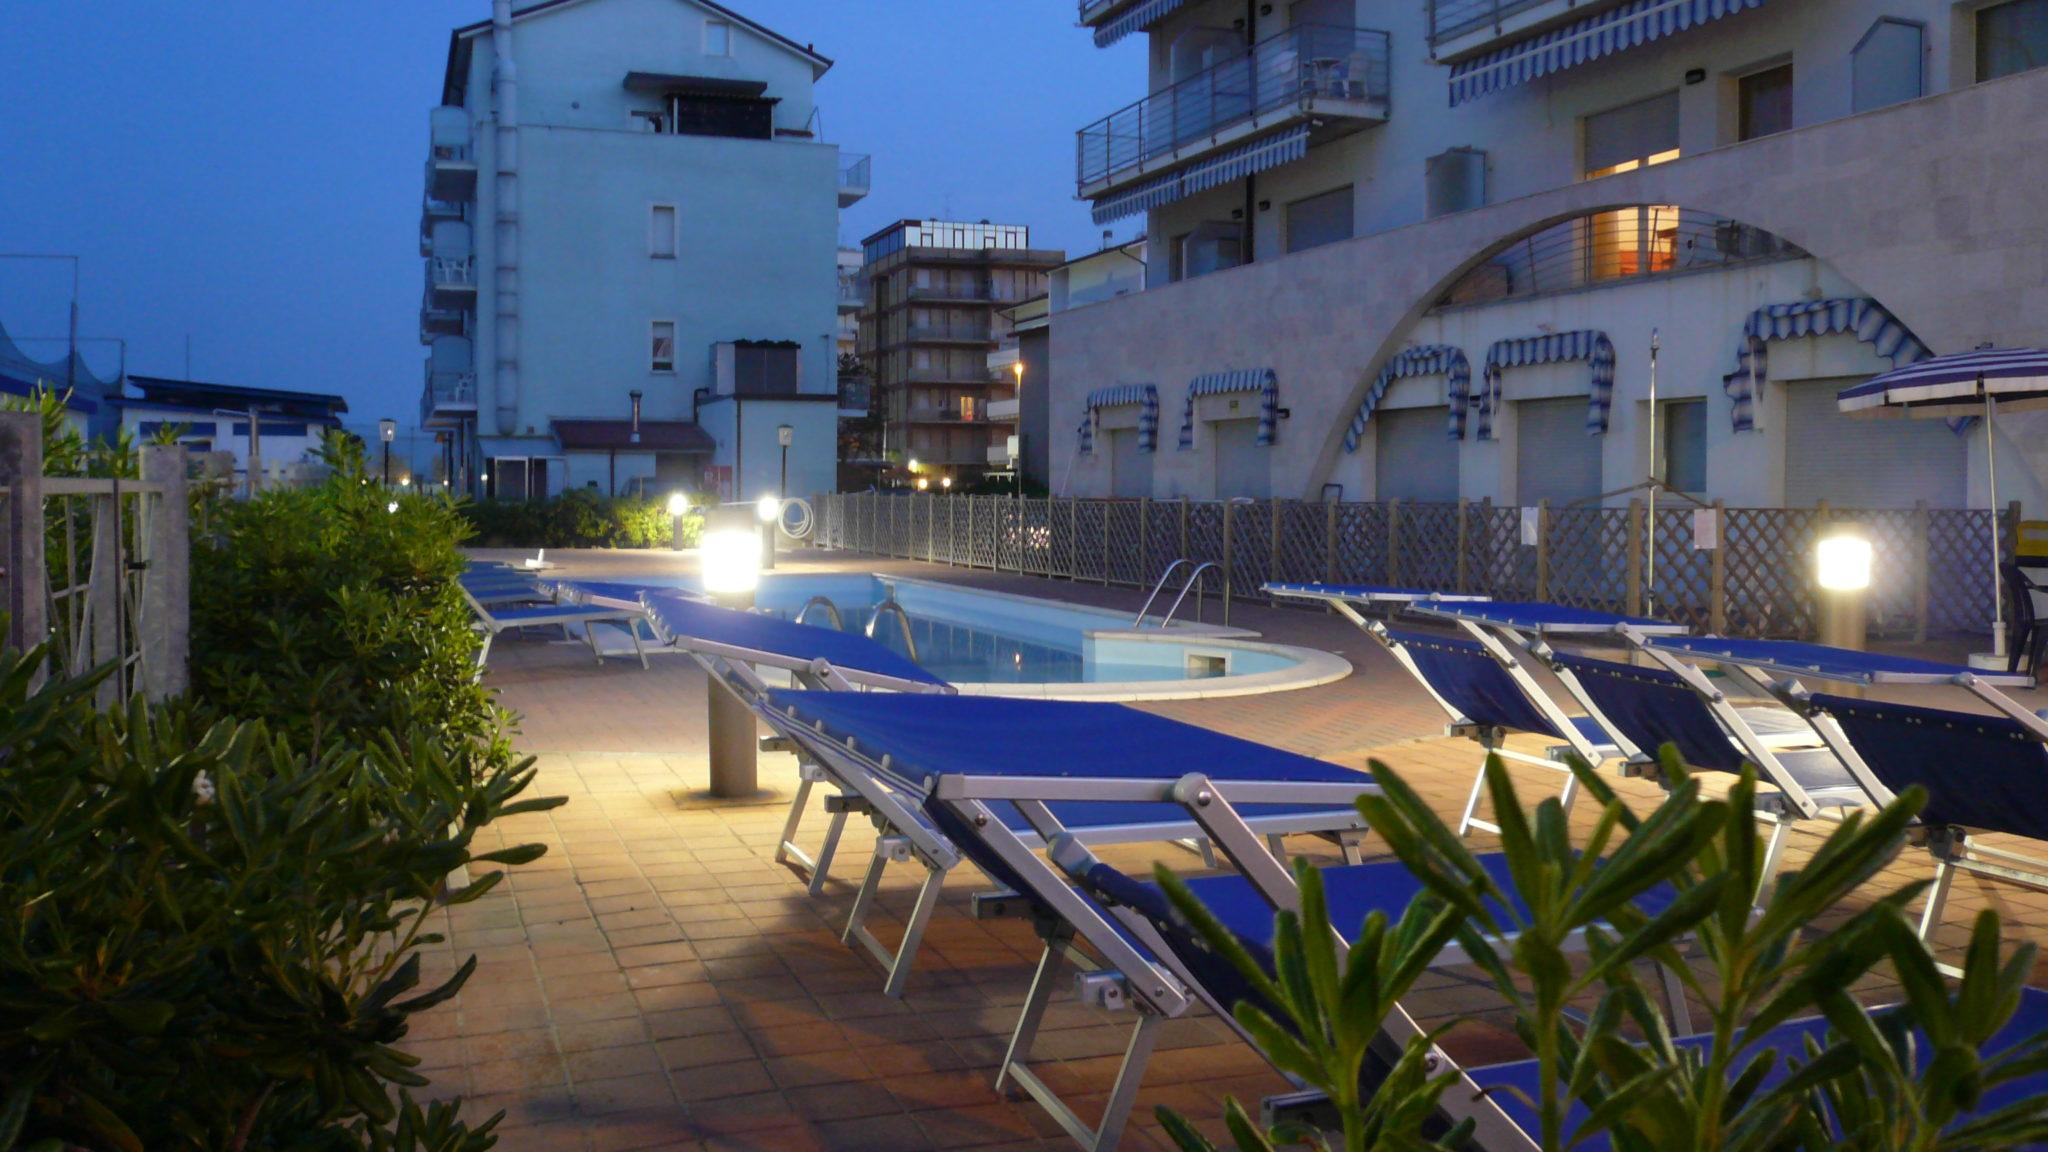 Residence moderno 3 stelle a milano marittima con piscina - Piscina san giuliano milanese ...